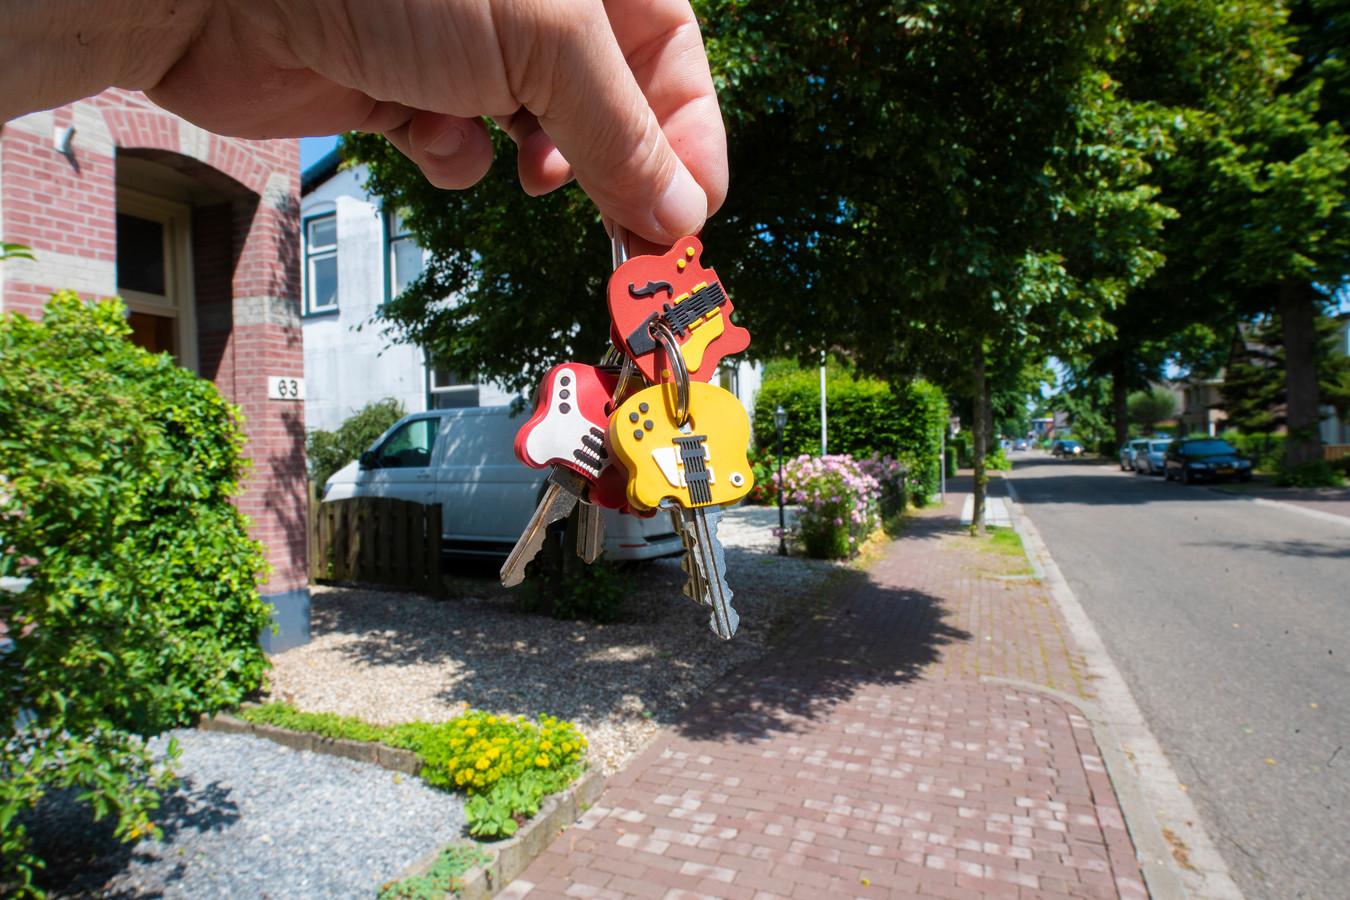 De eigenaar van deze sleutelbos, een 16-jarige scholier uit Apeldoorn, heeft zich gemeld. Op weg naar school verloor hij de sleutelbos aan de Koningsstraat.